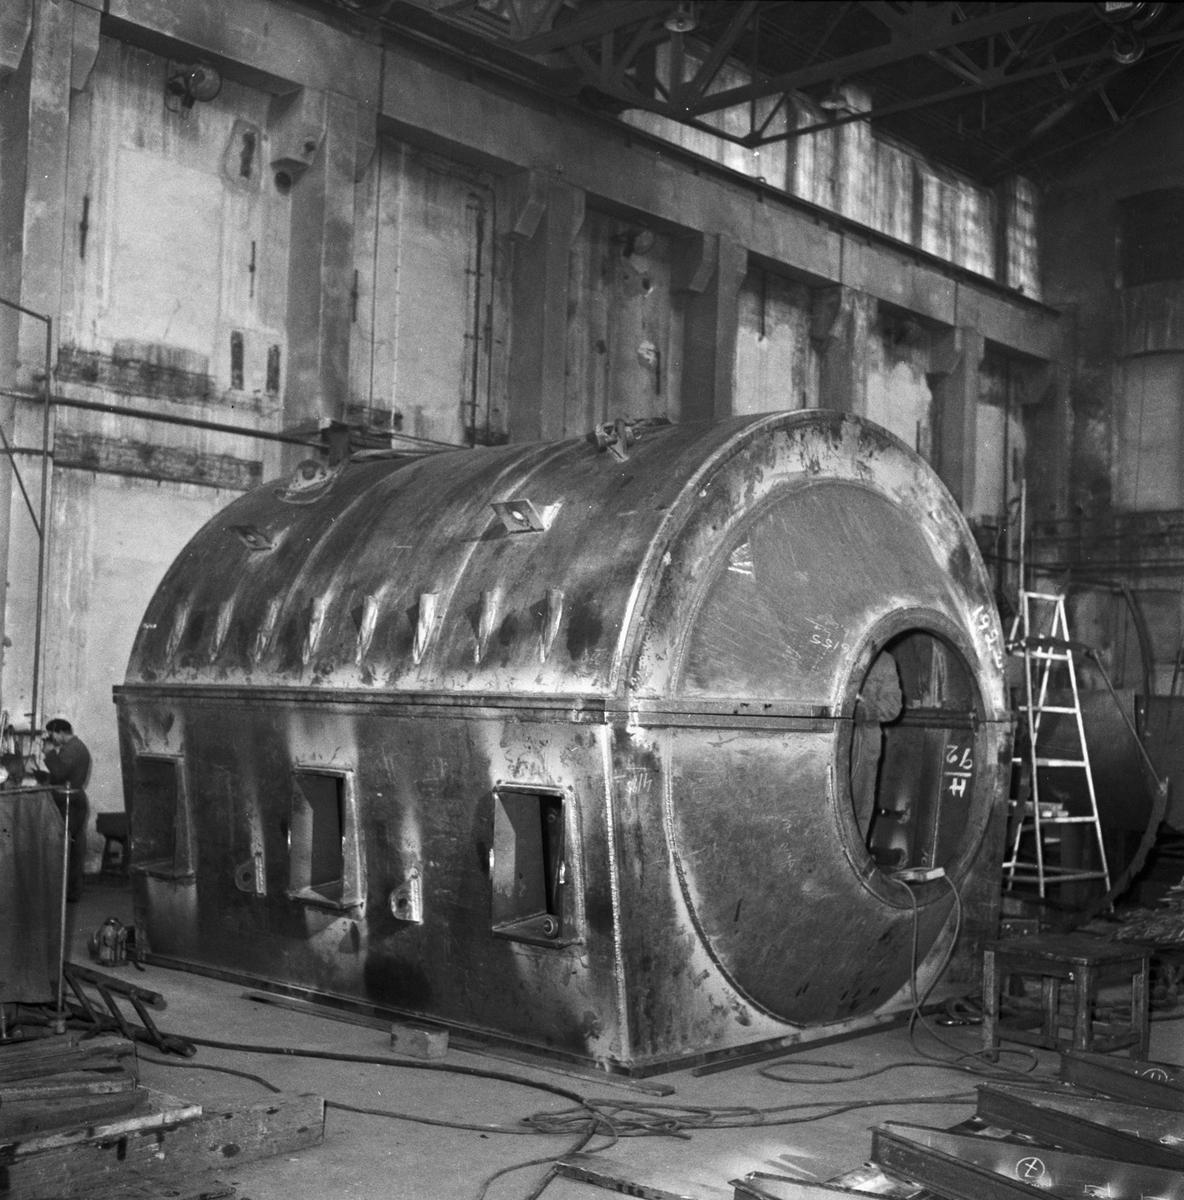 Övrigt: Foto datum: 2/4 1958 Byggnader och kranar STAL behållare tillverkning Närmast identisk bild: V14591, ej skannad